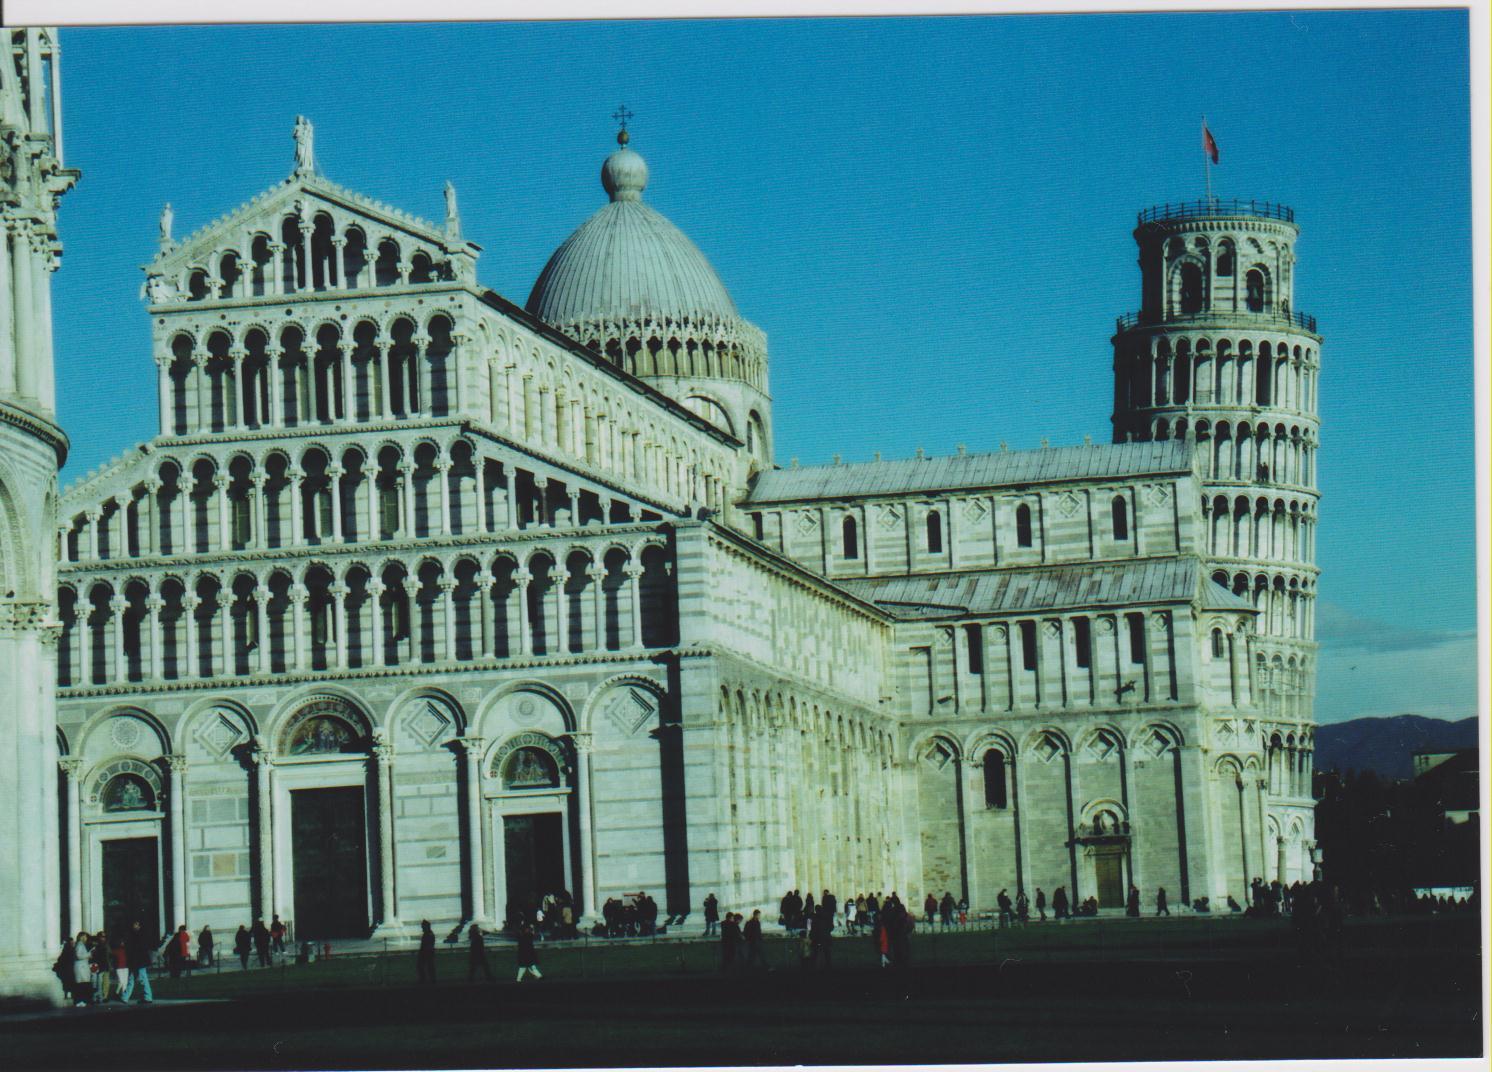 ピサ大聖堂の画像 p1_35